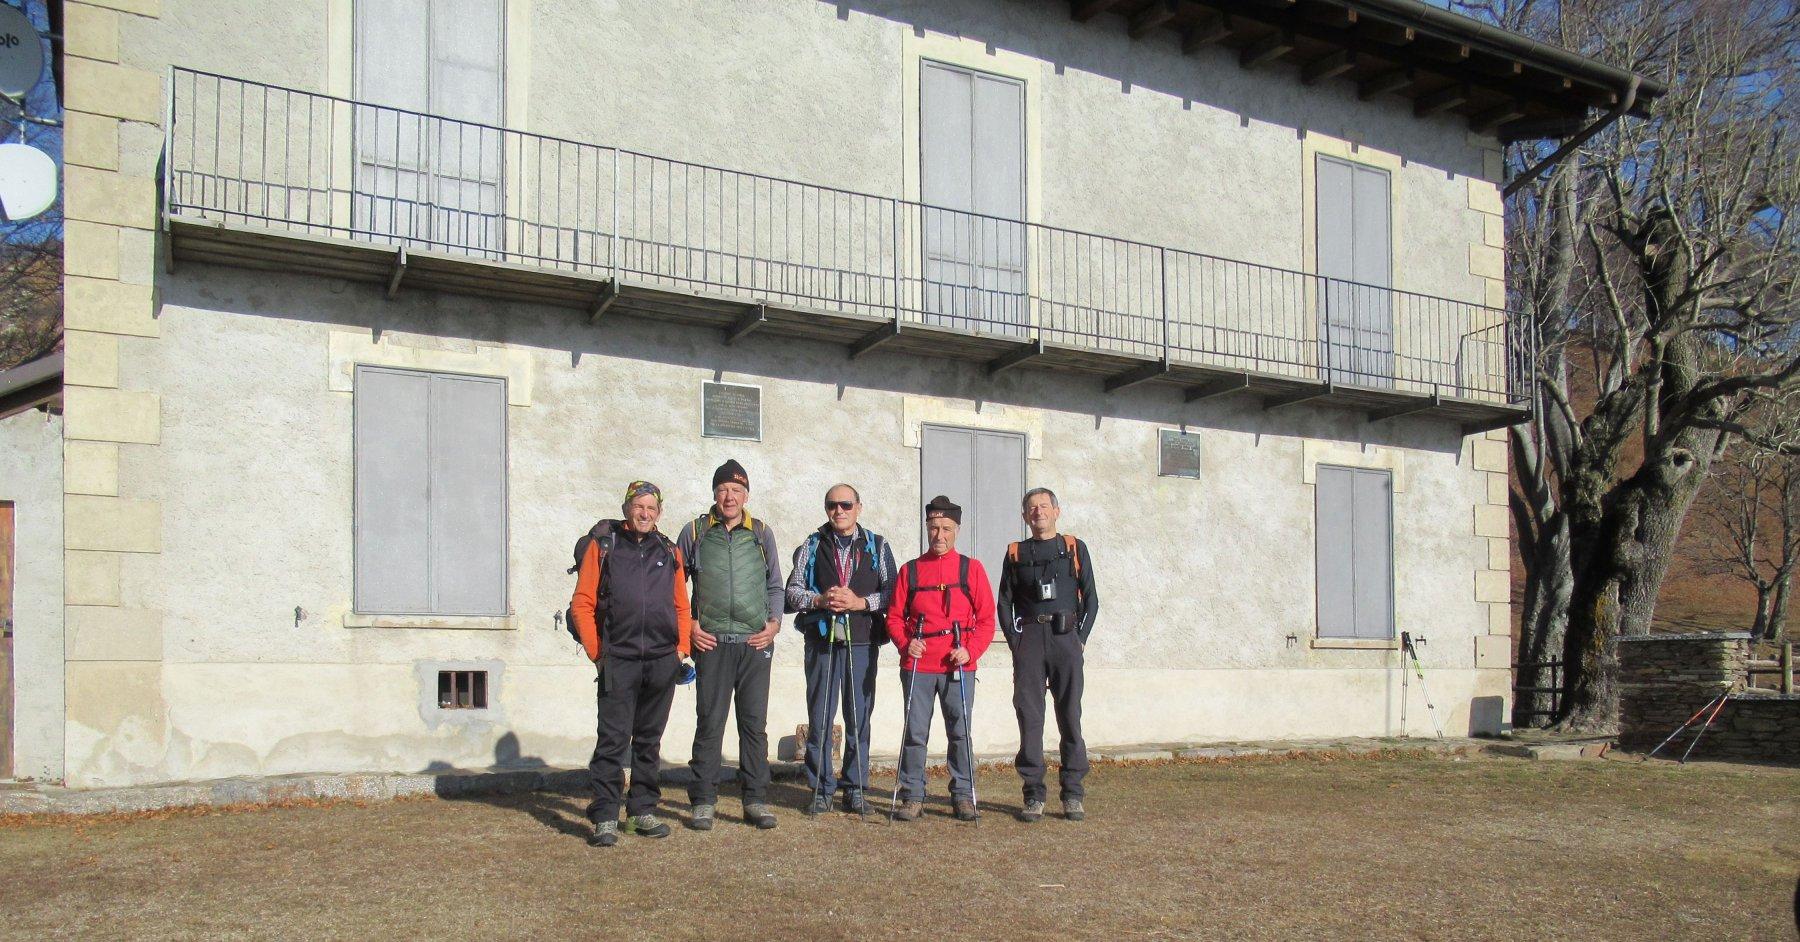 Con gli amici al Rifugio dell'Alpino